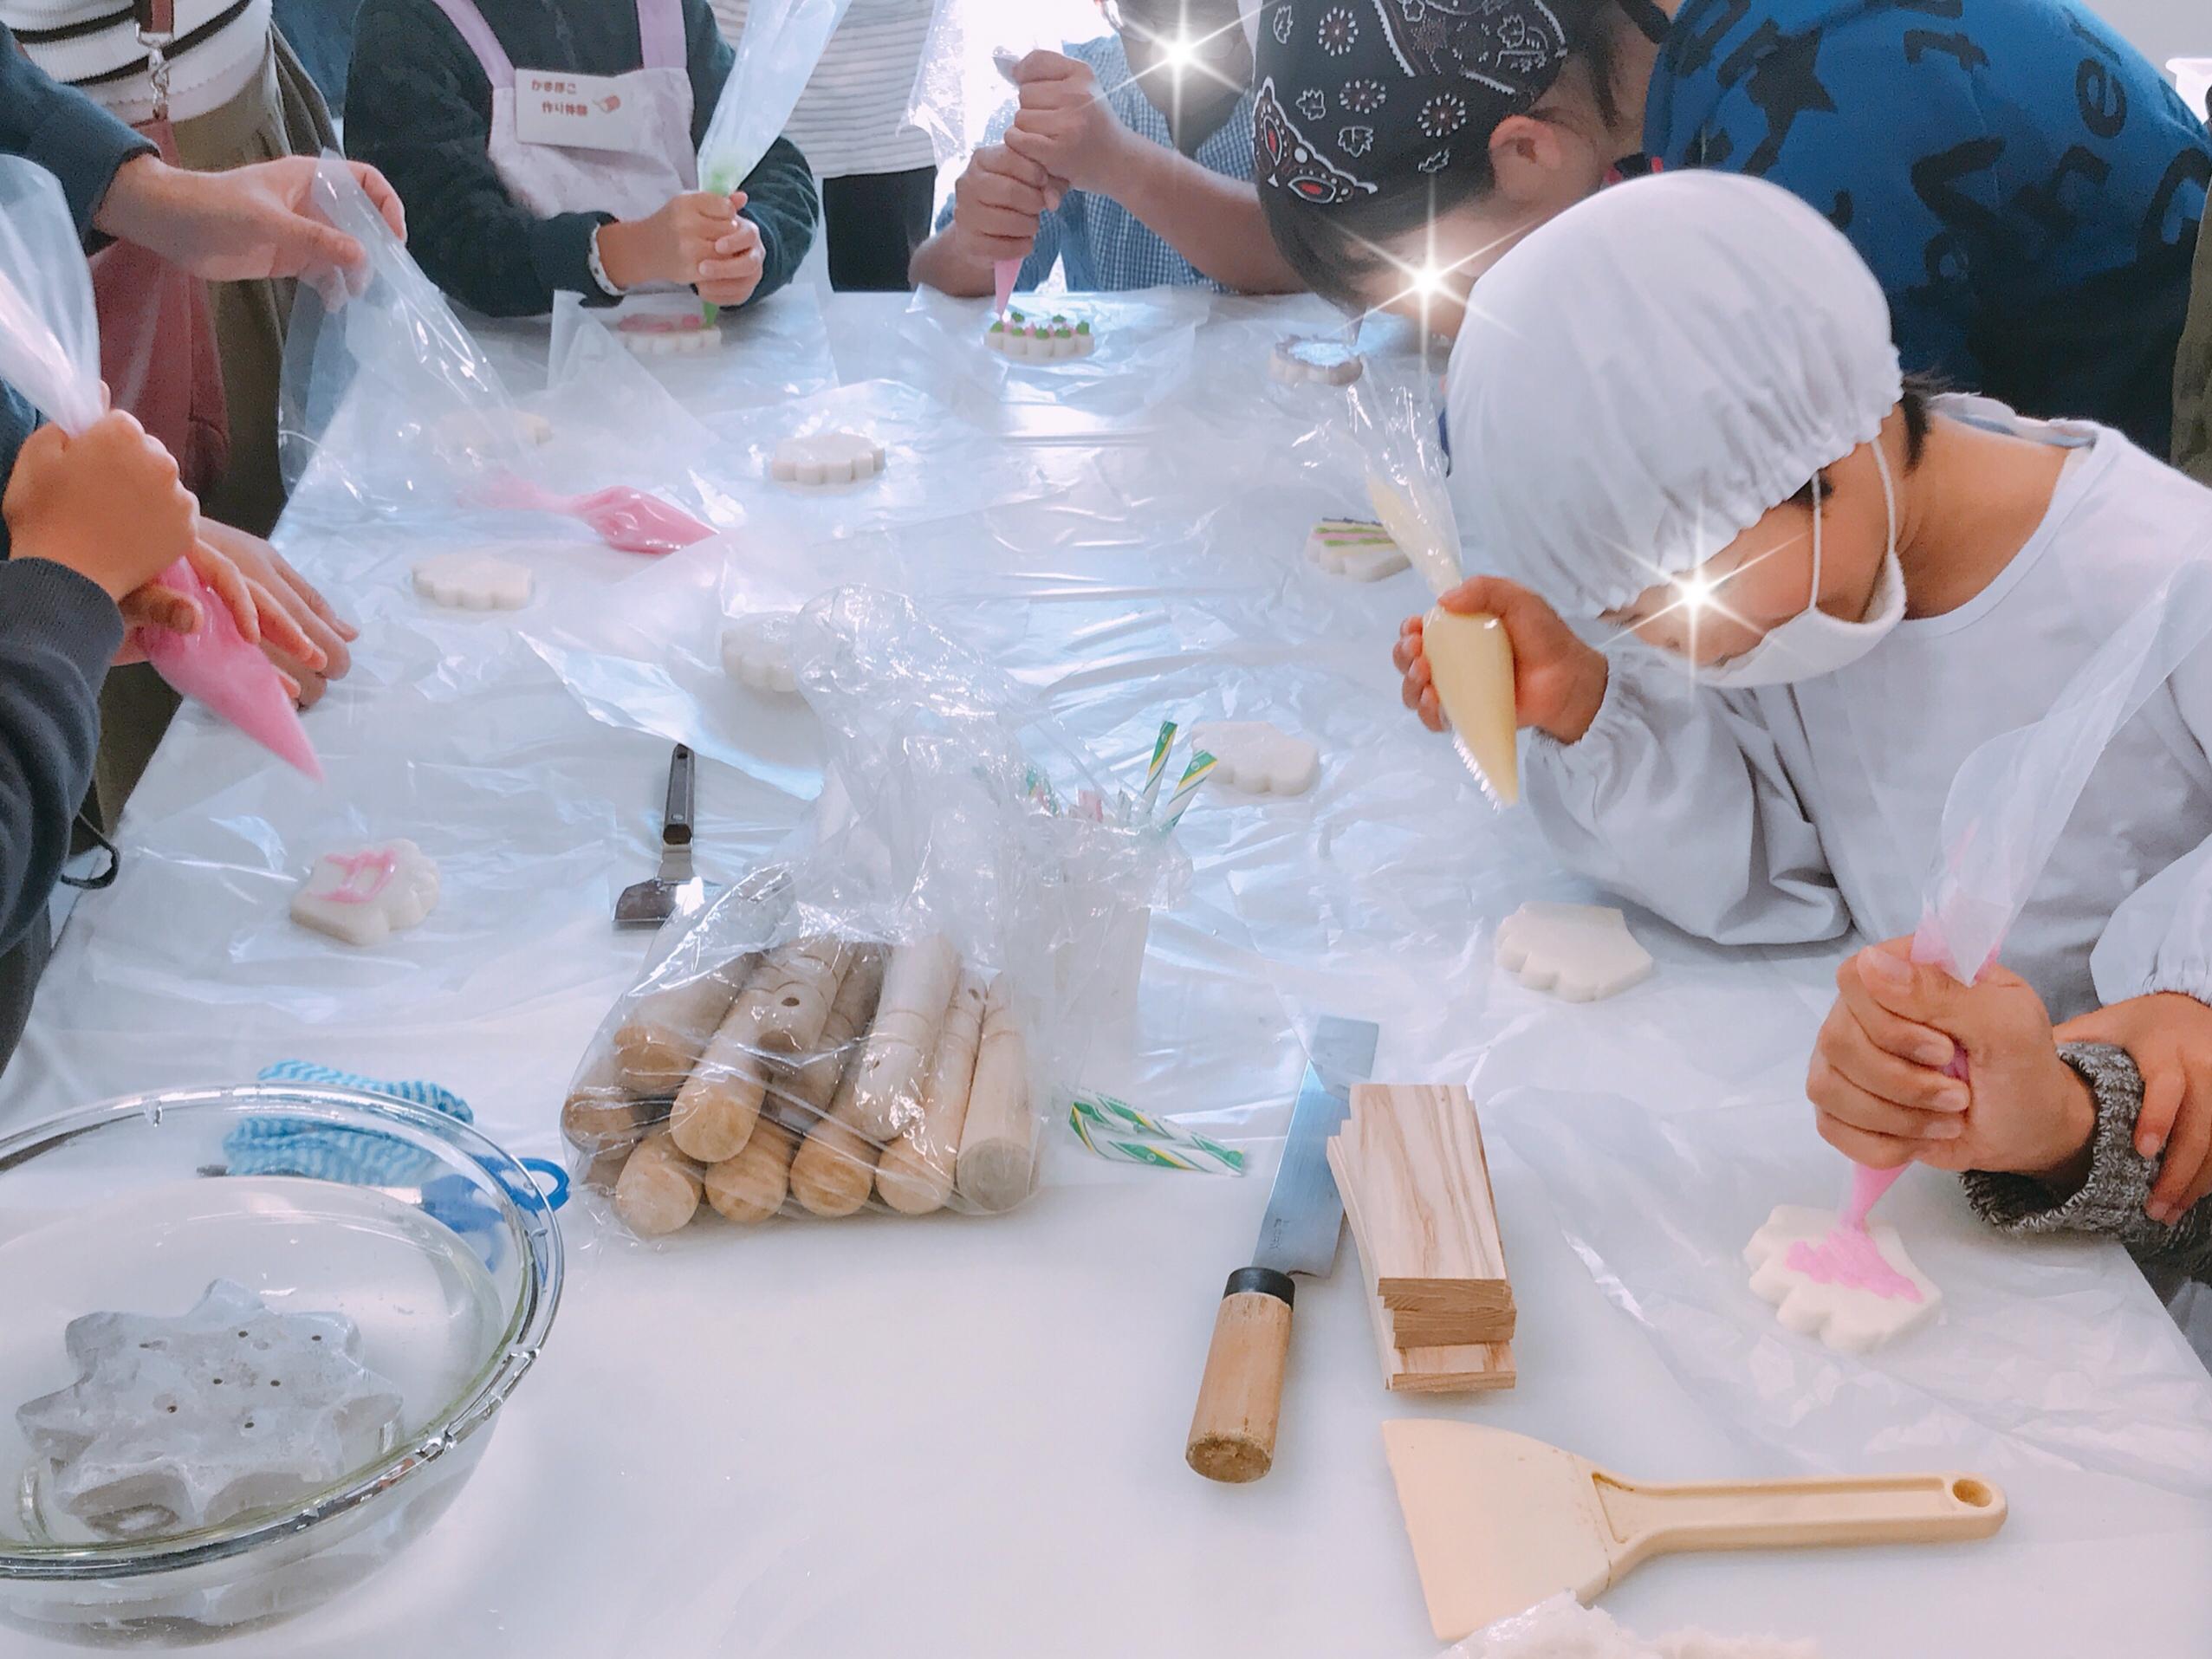 かまぼこづくり体験@広島市水産振興センター